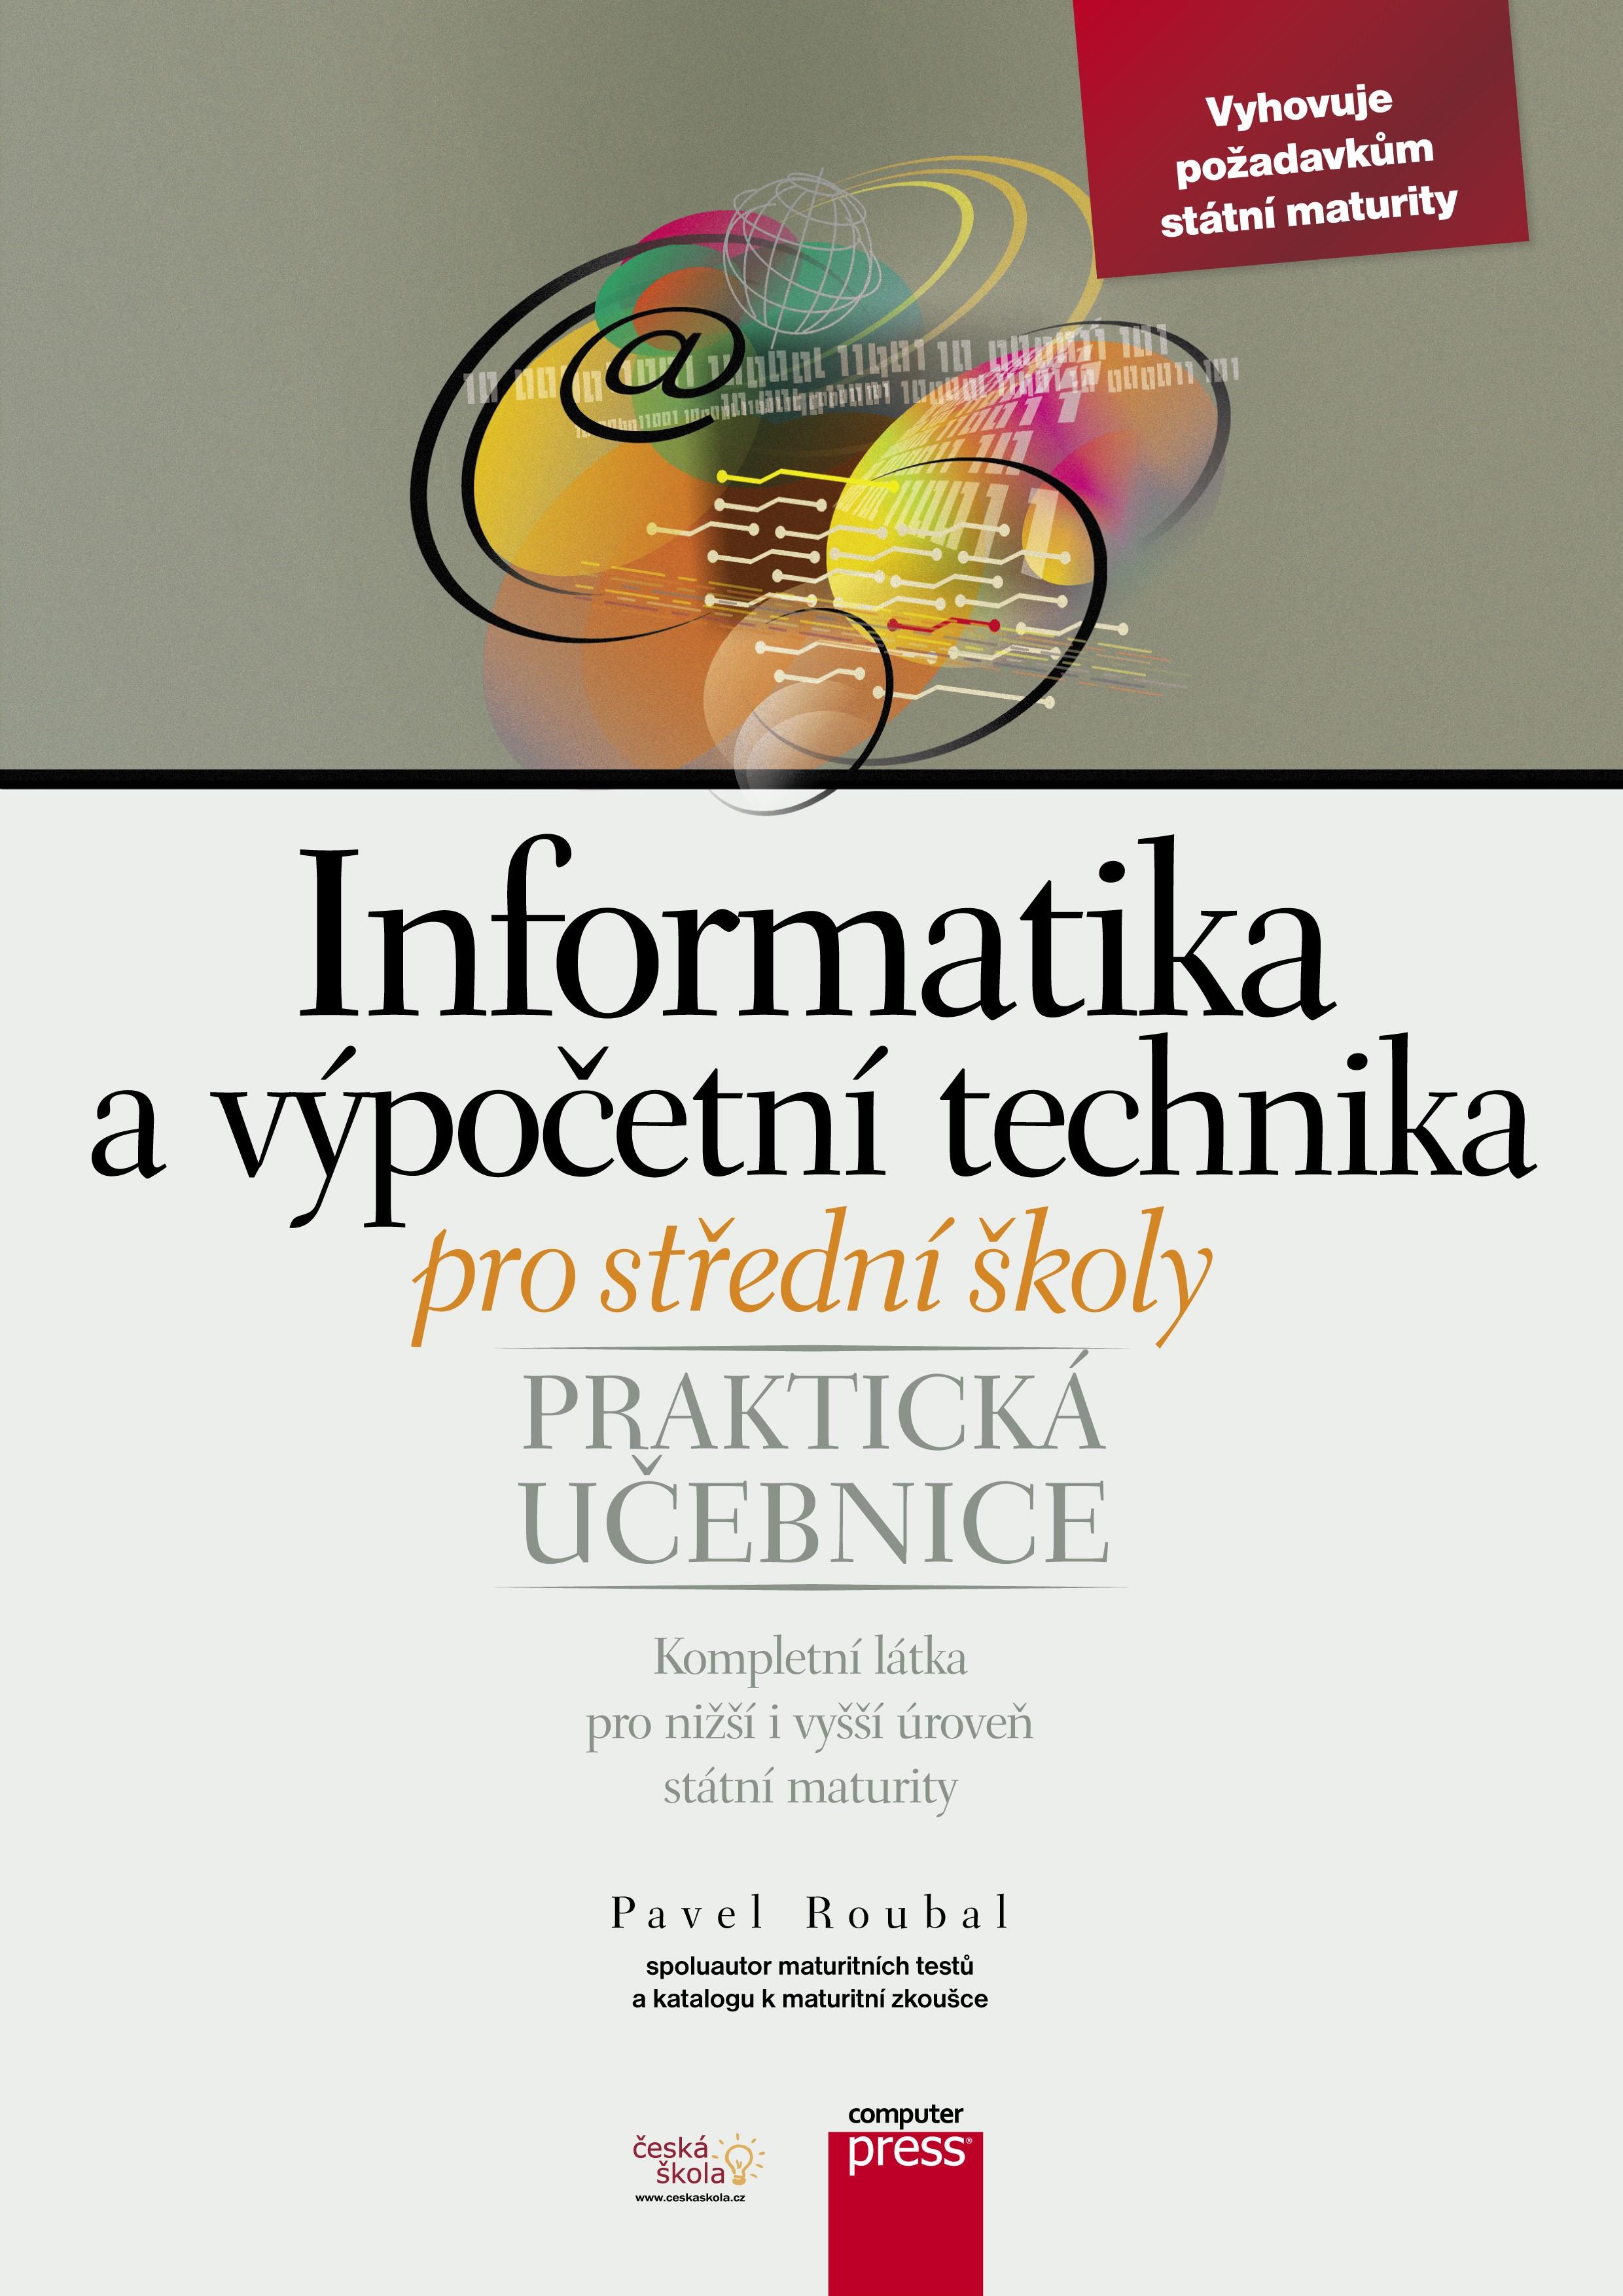 Informatika a výpočetní technika pro střední školy | Pavel Roubal